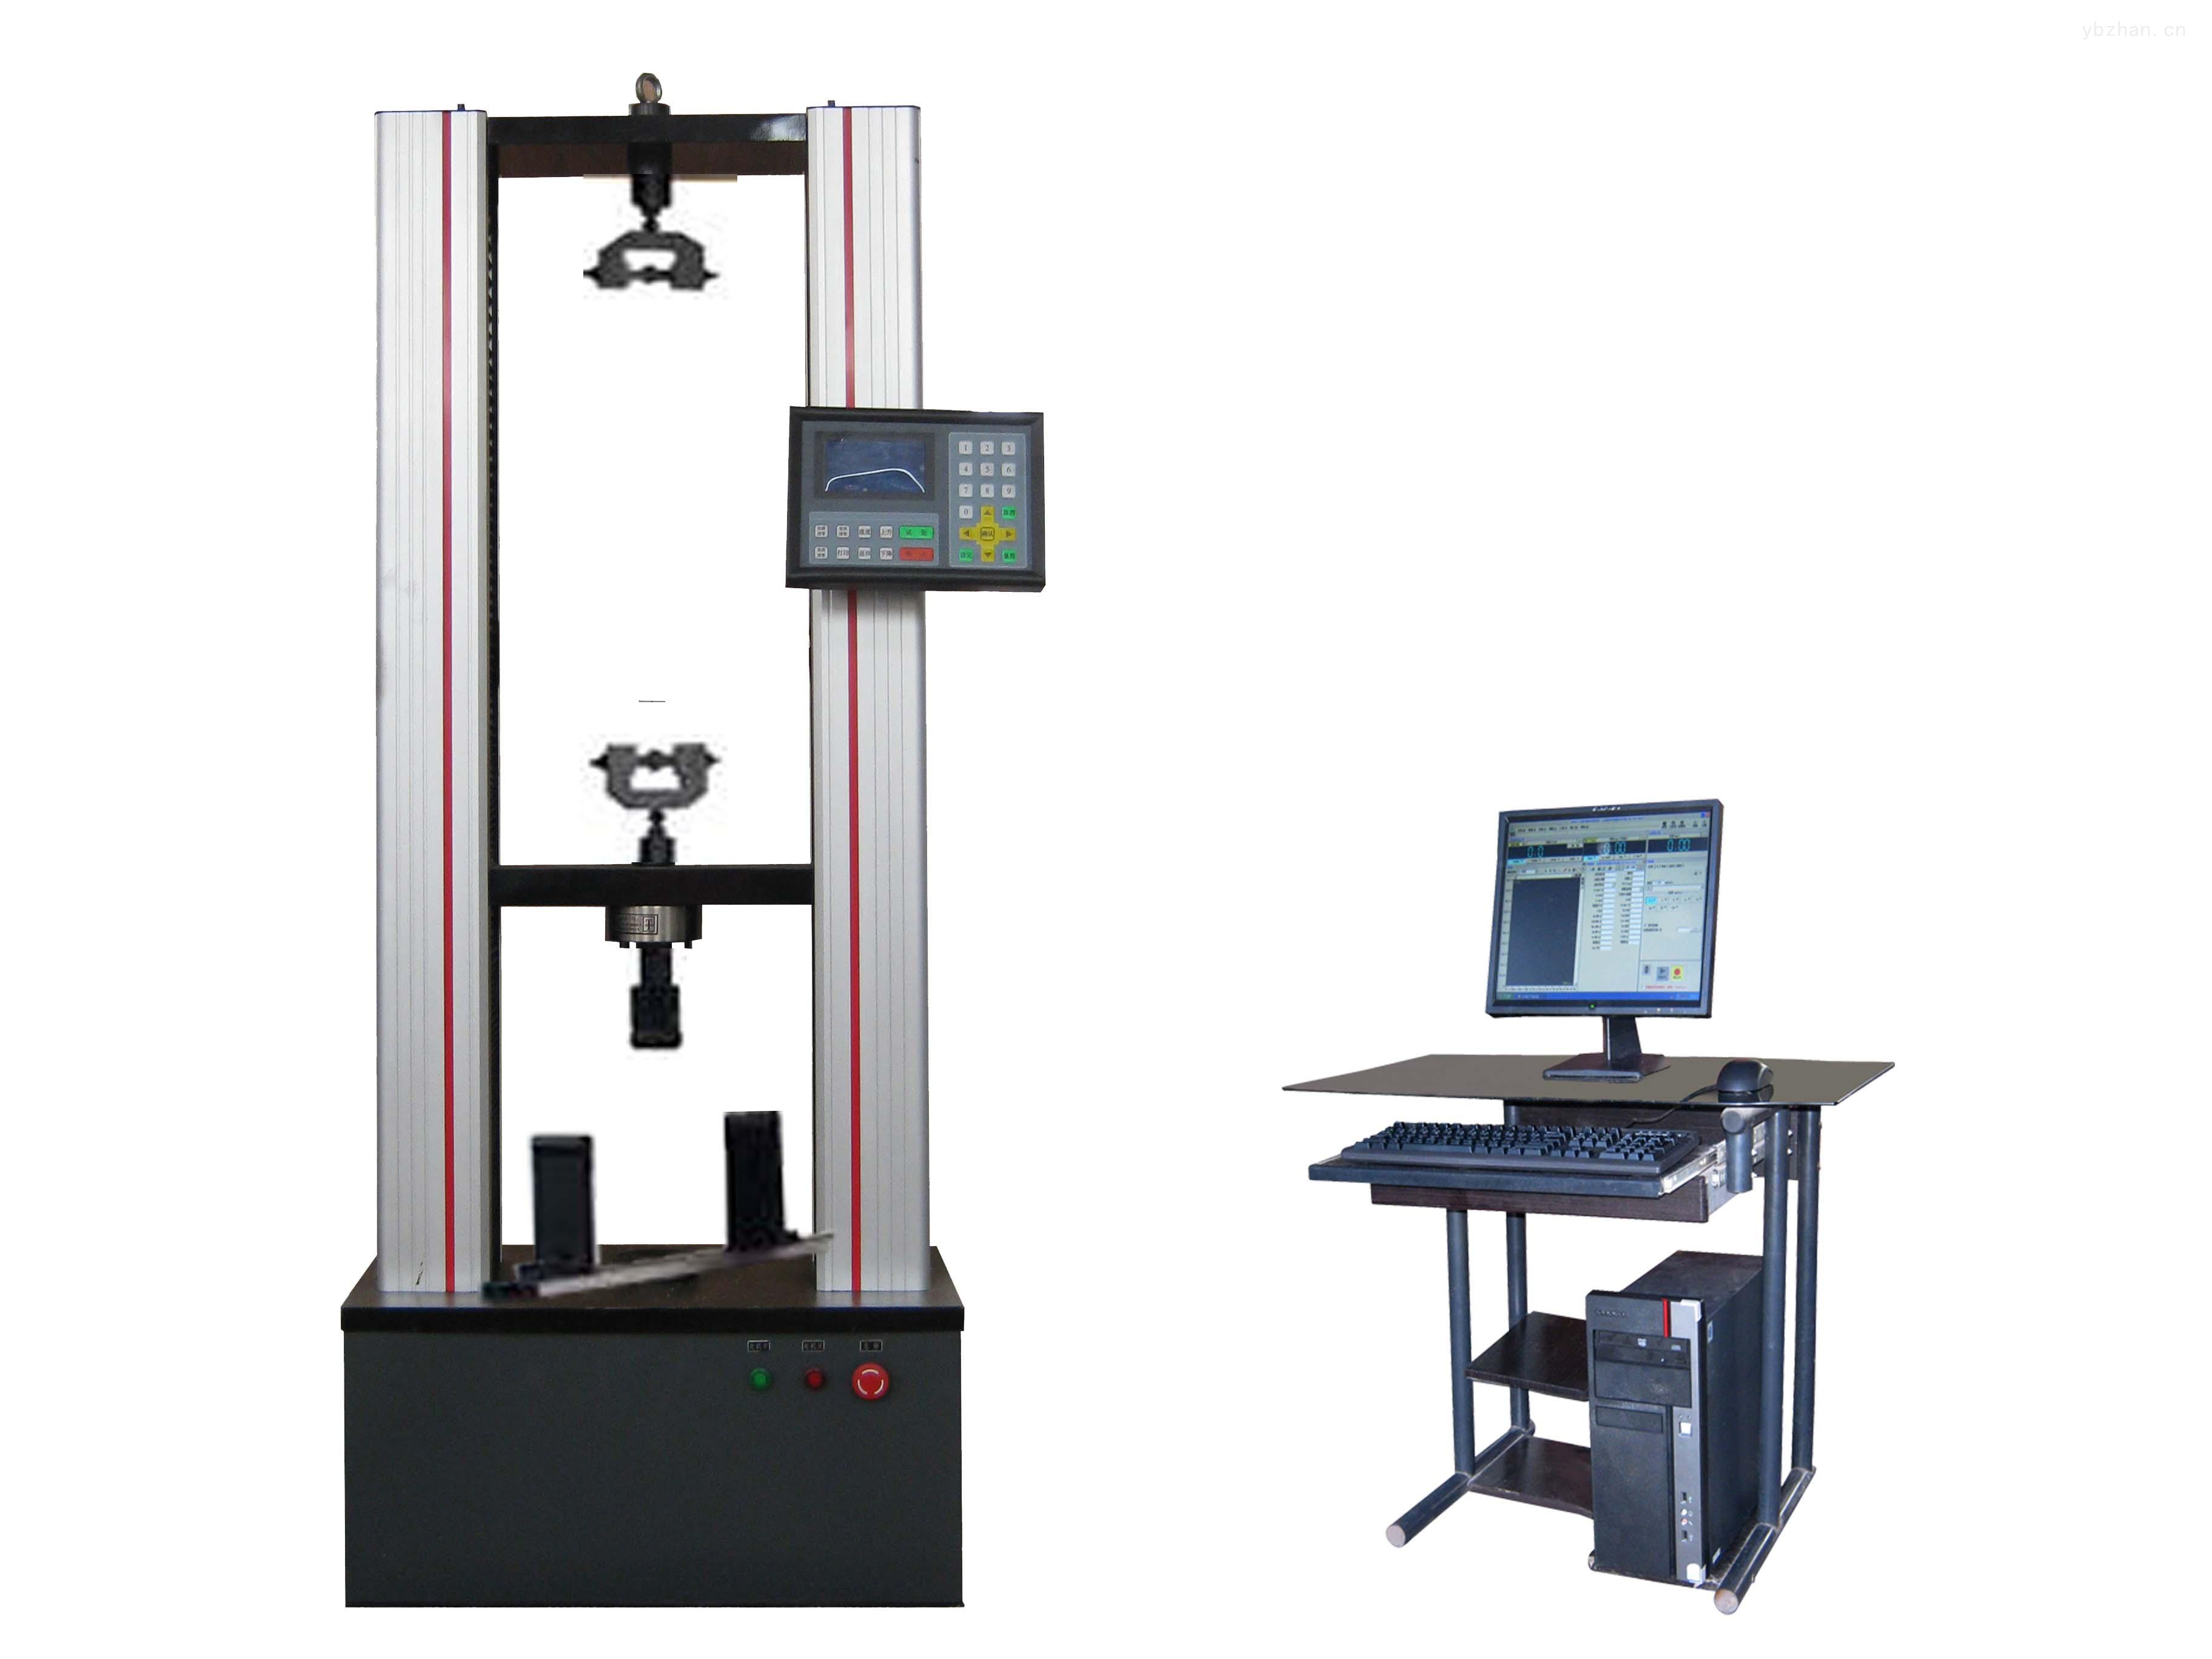 5吨电子万能试验机(厂家供应 客户首选 配有惠普打印机 保证了国际水平)